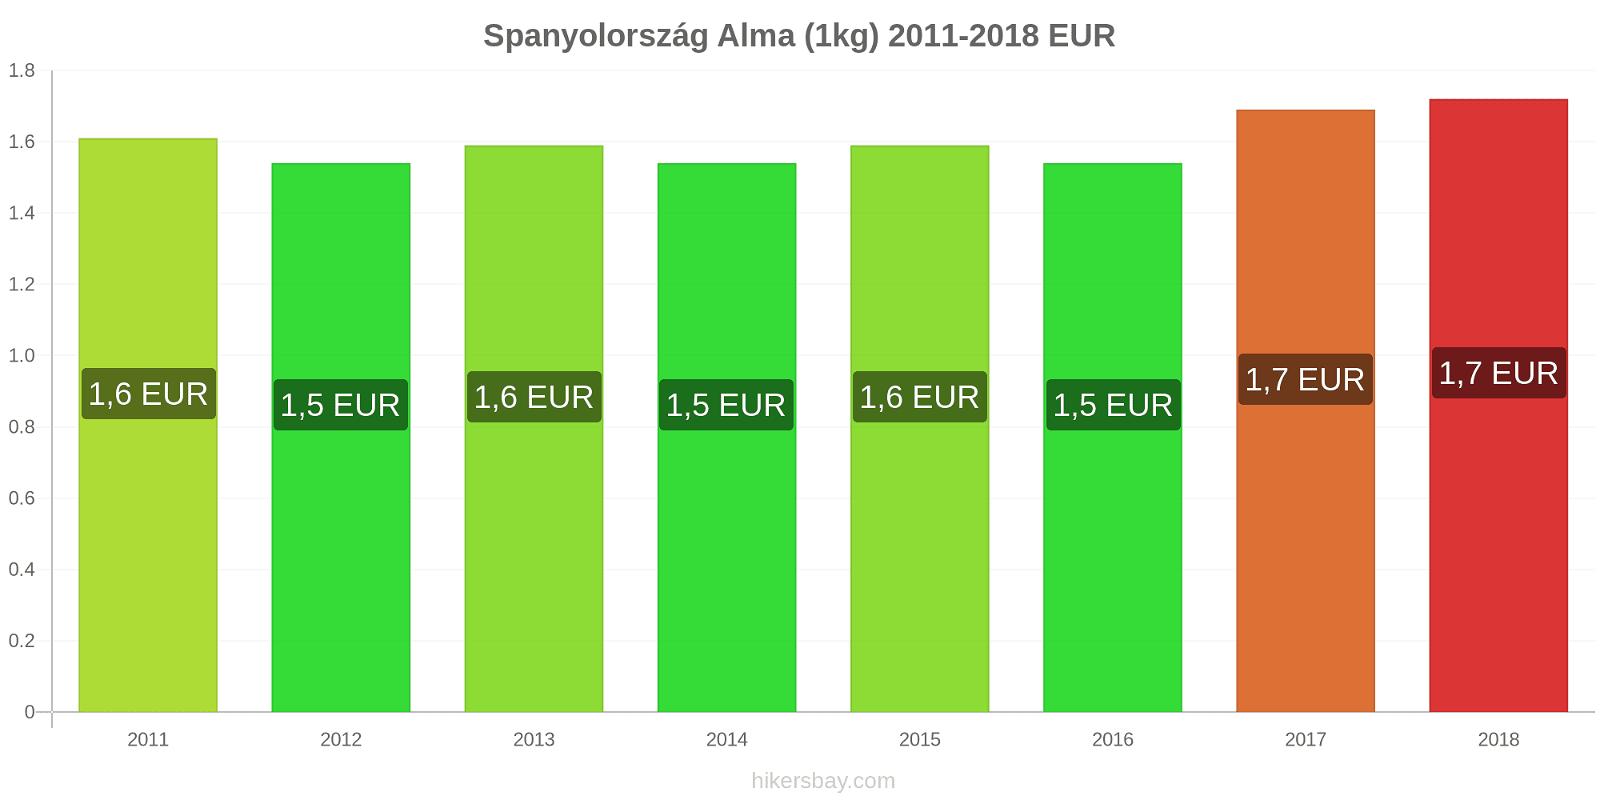 Spanyolország árváltozások Alma (1kg) hikersbay.com